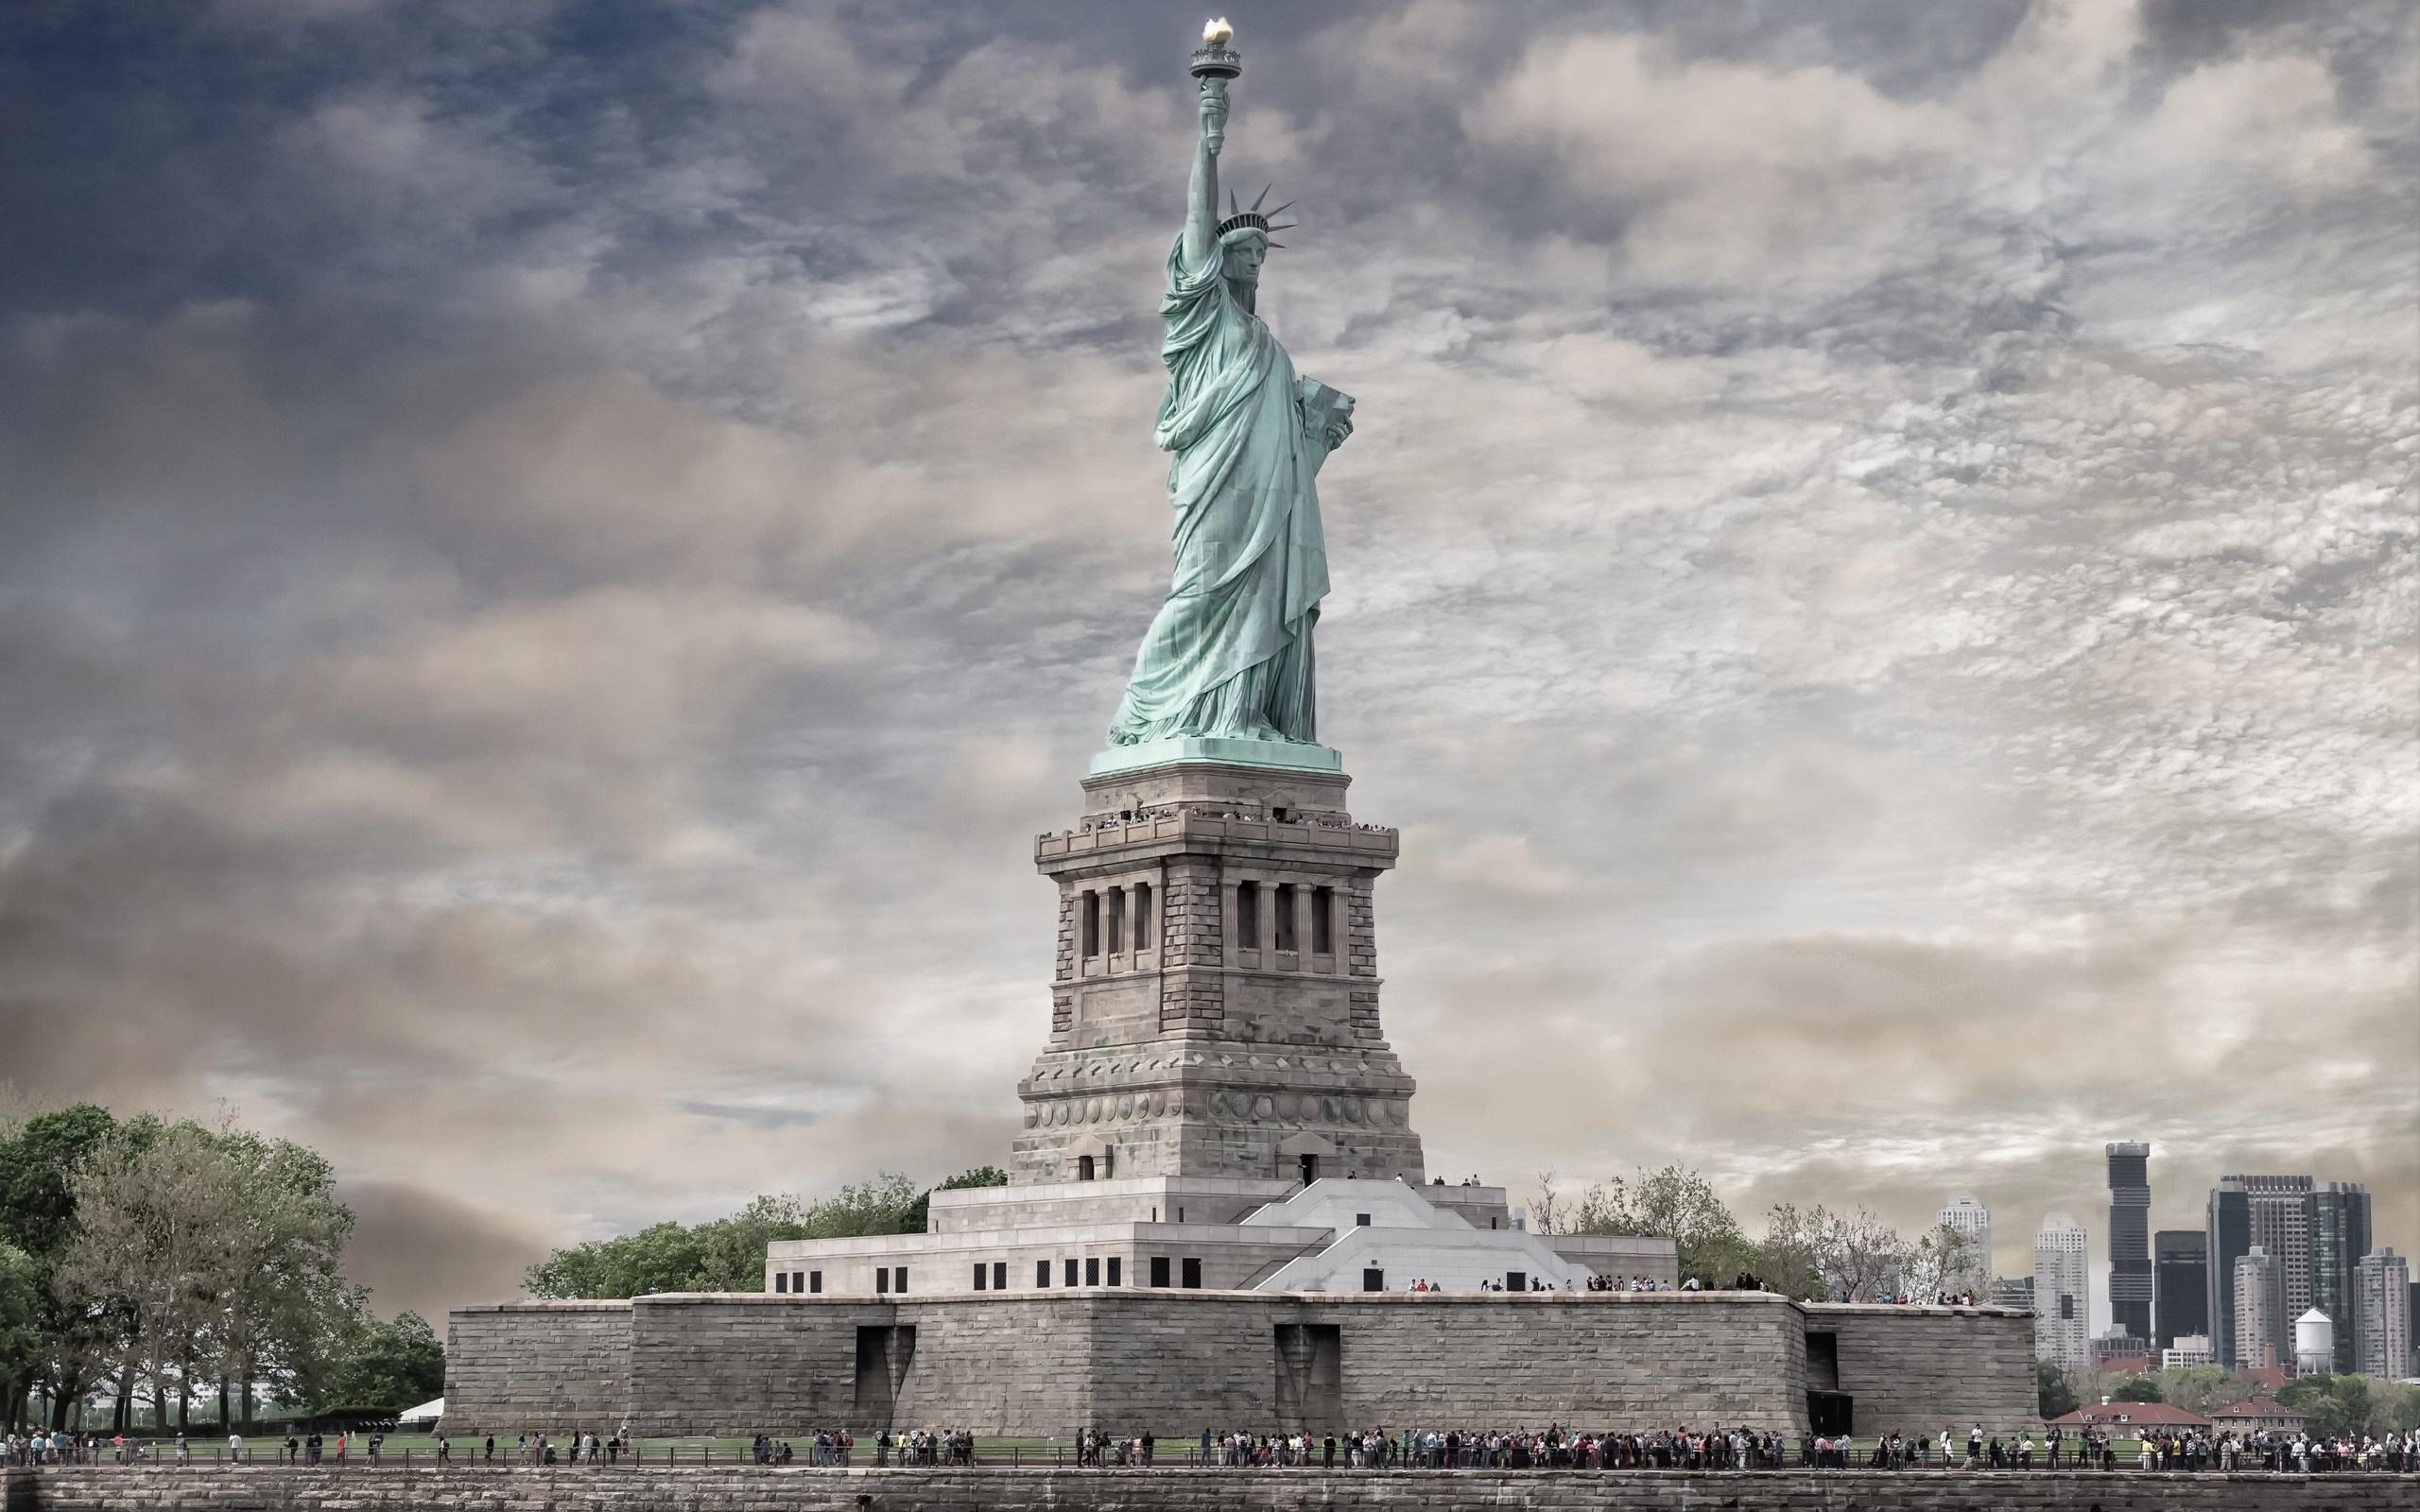 Ảnh tượng nữ thần tự do biểu tượng của nước Mỹ